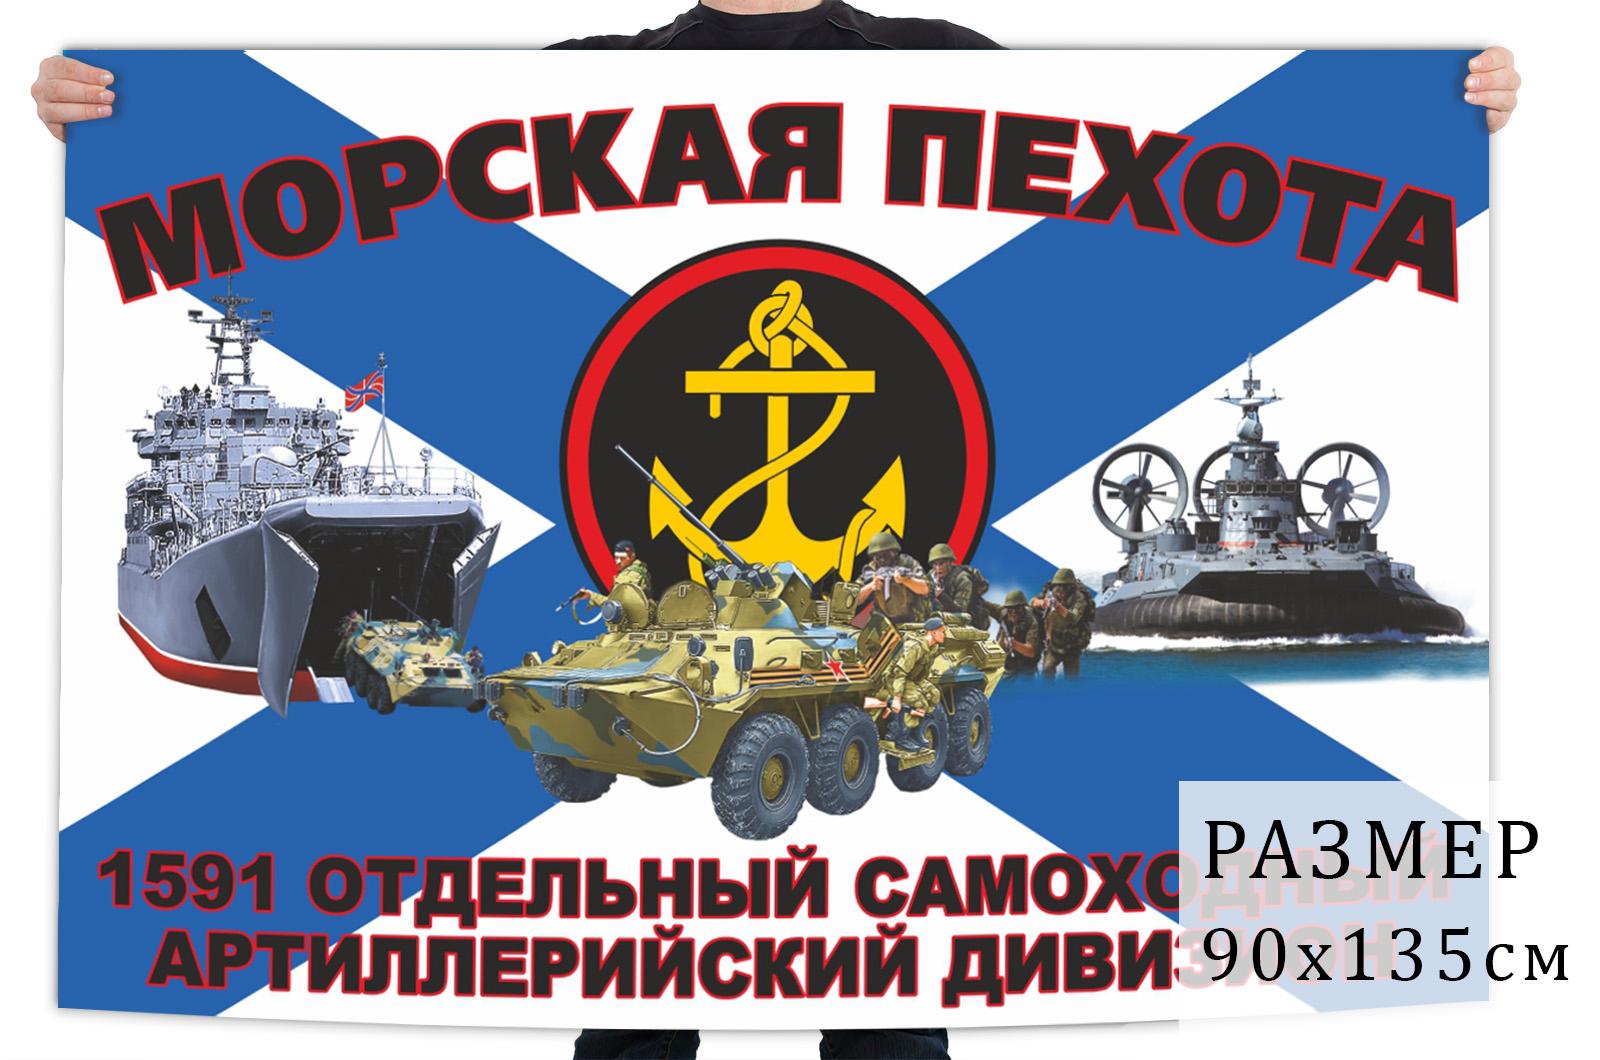 Флаг 1591 отдельного самоходного артиллерийского дивизиона морской пехоты